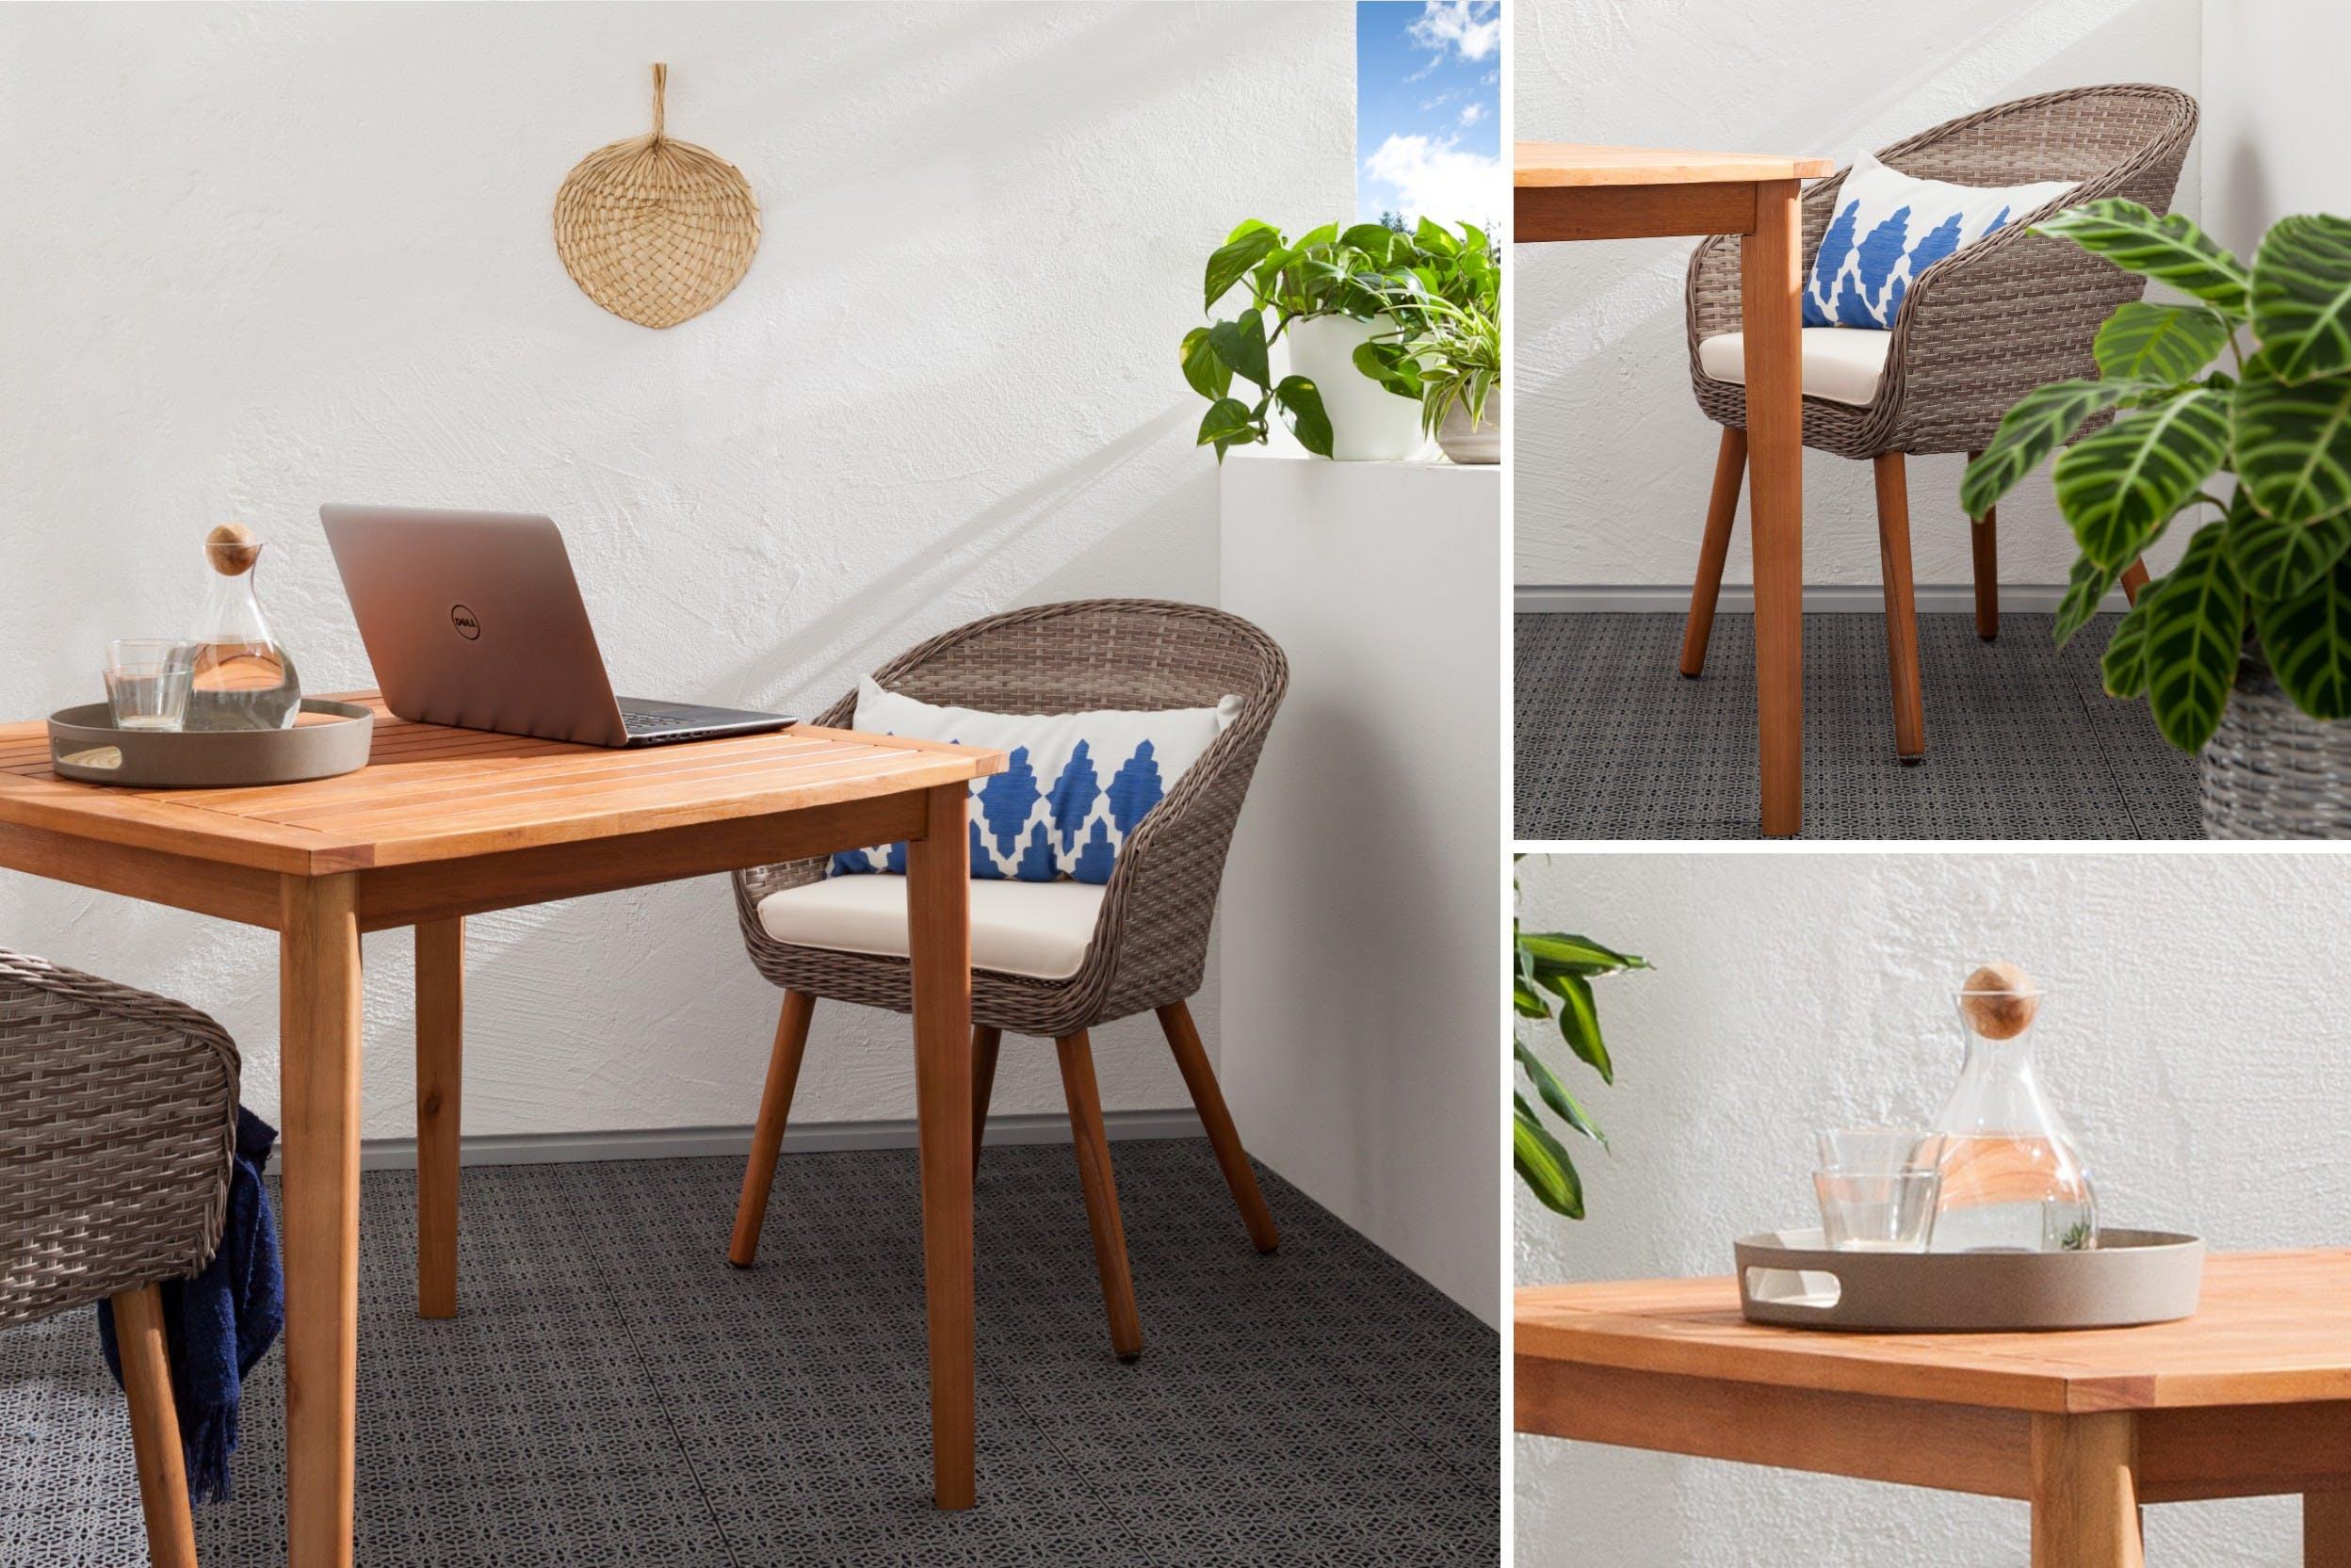 Gemütlicher Arbeitplatz an Tisch aus Teakholz mit genügend Ablagefläche und Tablett mit Getränk